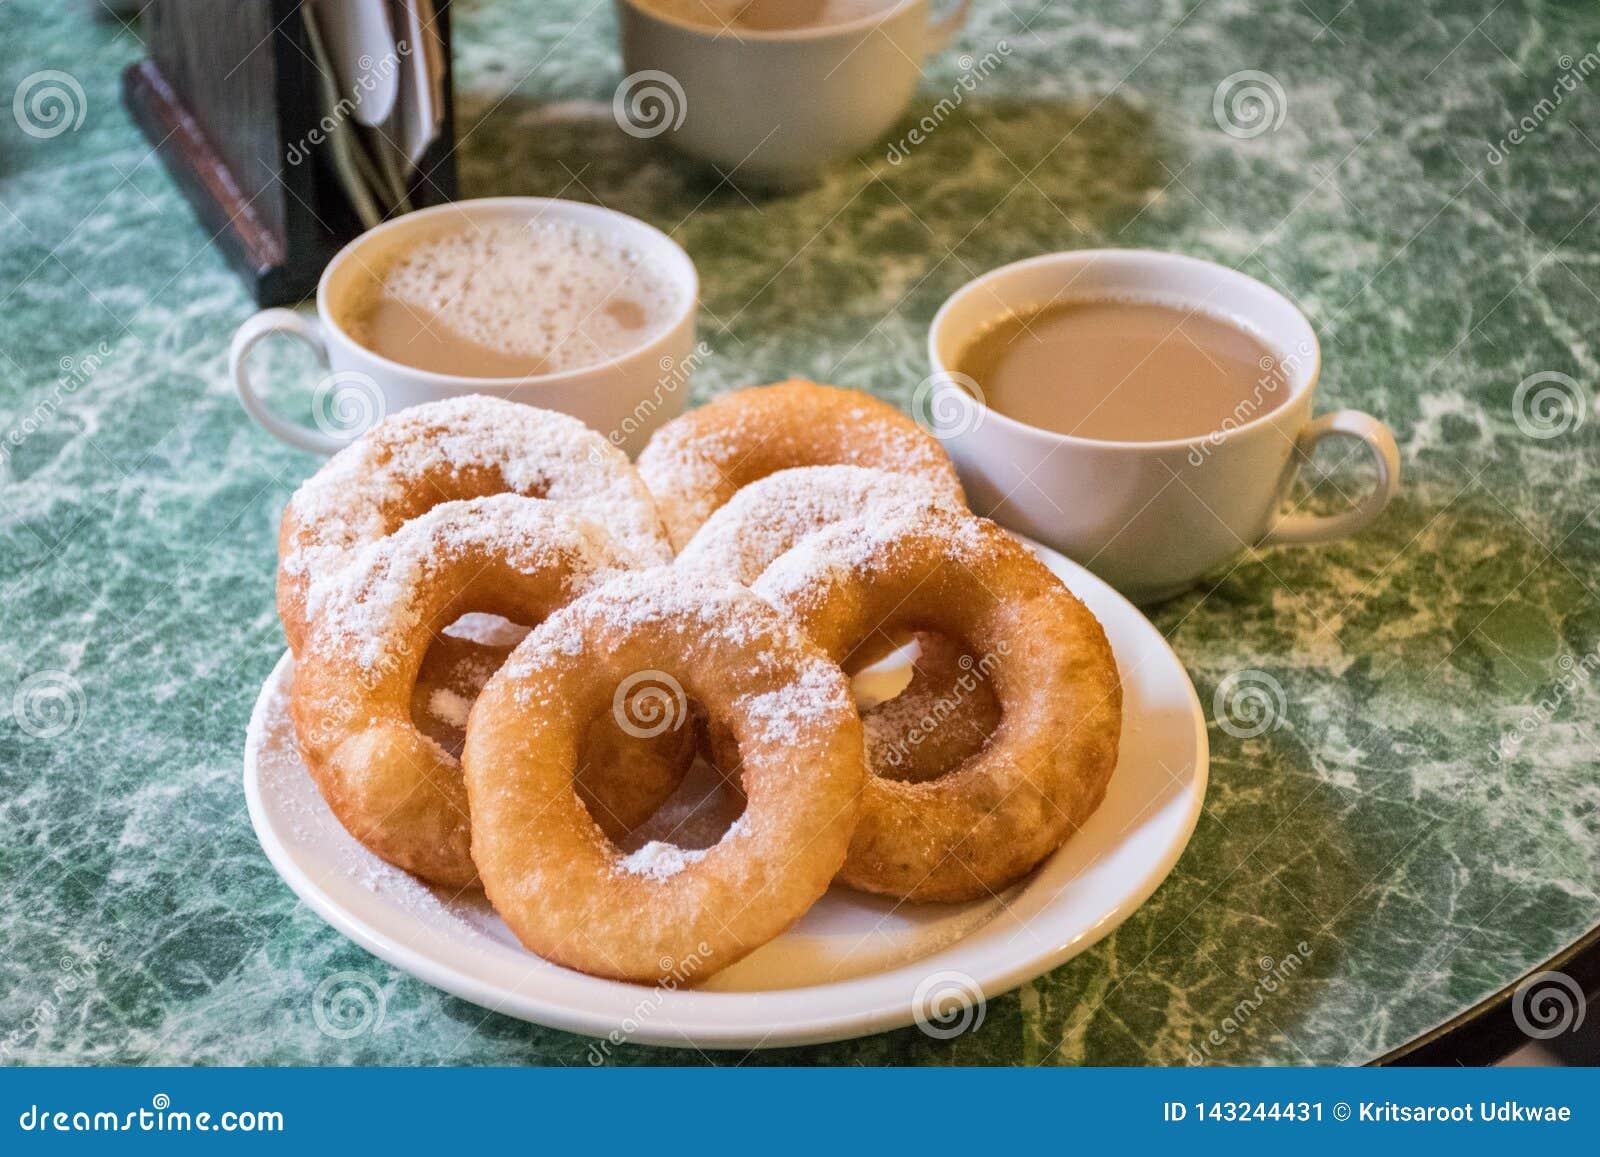 Les butées toriques russes servent avec le glaçage et les tasses de café chaudes